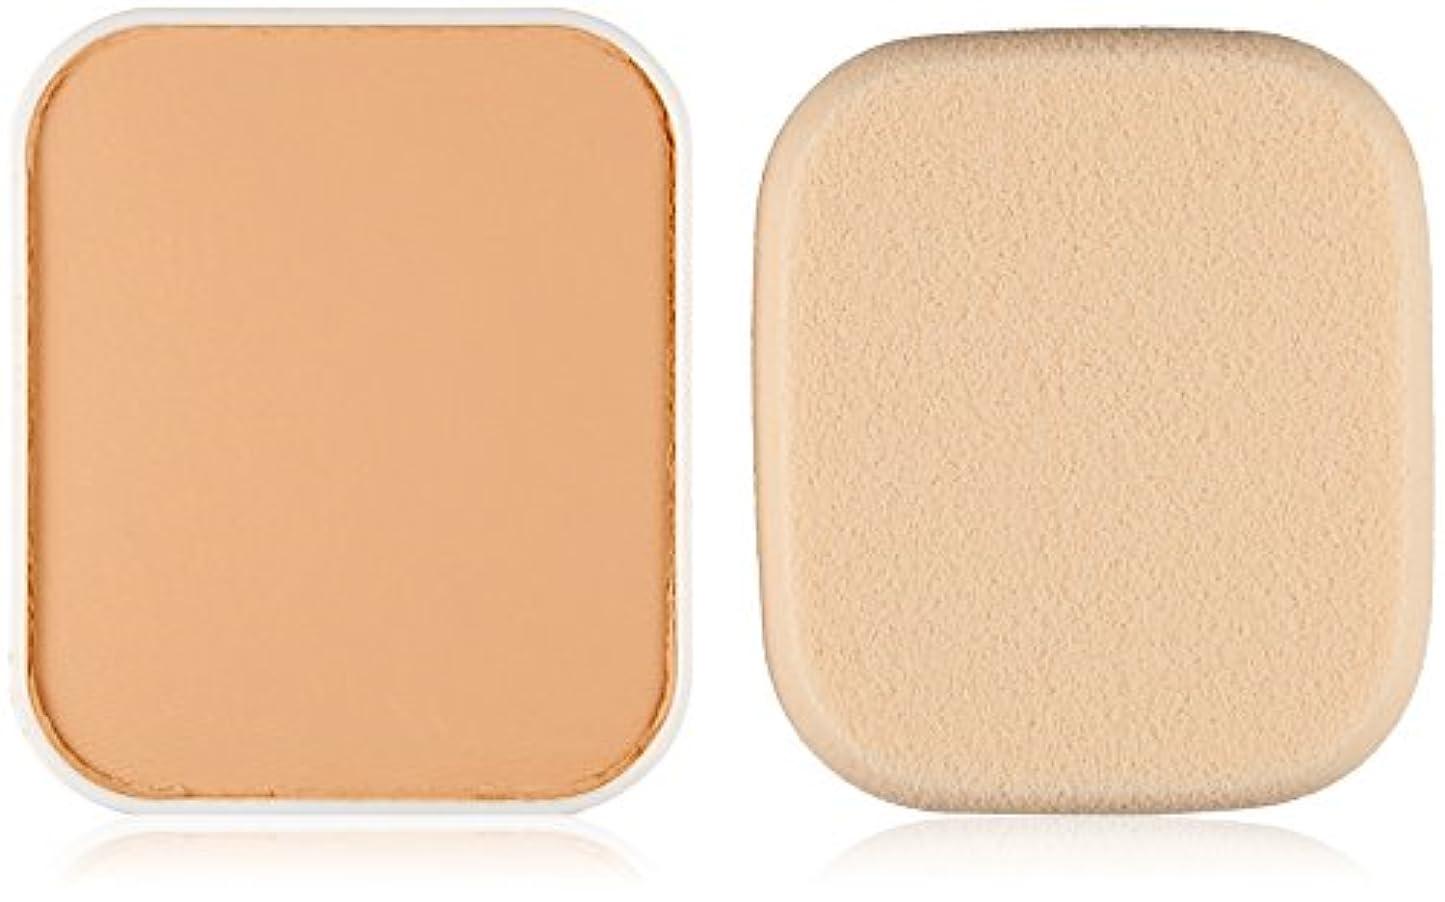 カタログデッド適合しましたインテグレート グレイシィ モイストパクトEX ピンクオークル10 (レフィル) 赤みよりで明るめの肌色 (SPF22?PA++) 11g